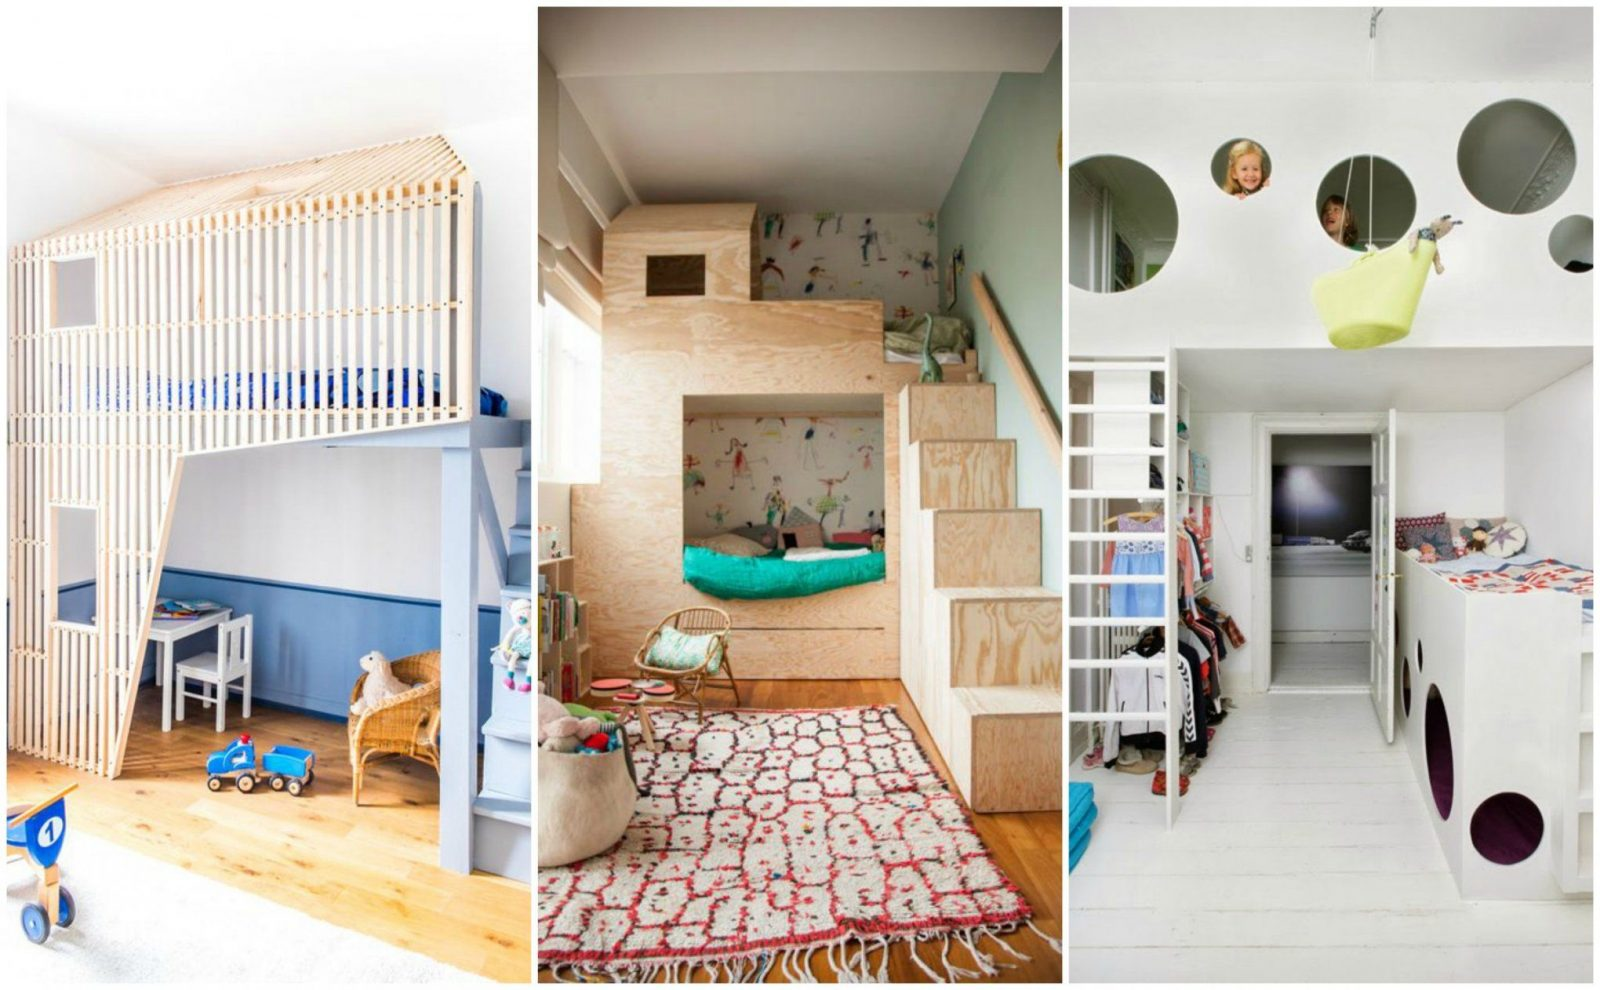 Jugendzimmer Einrichten Mit Hochbett Kleines Zimmer Einrichten